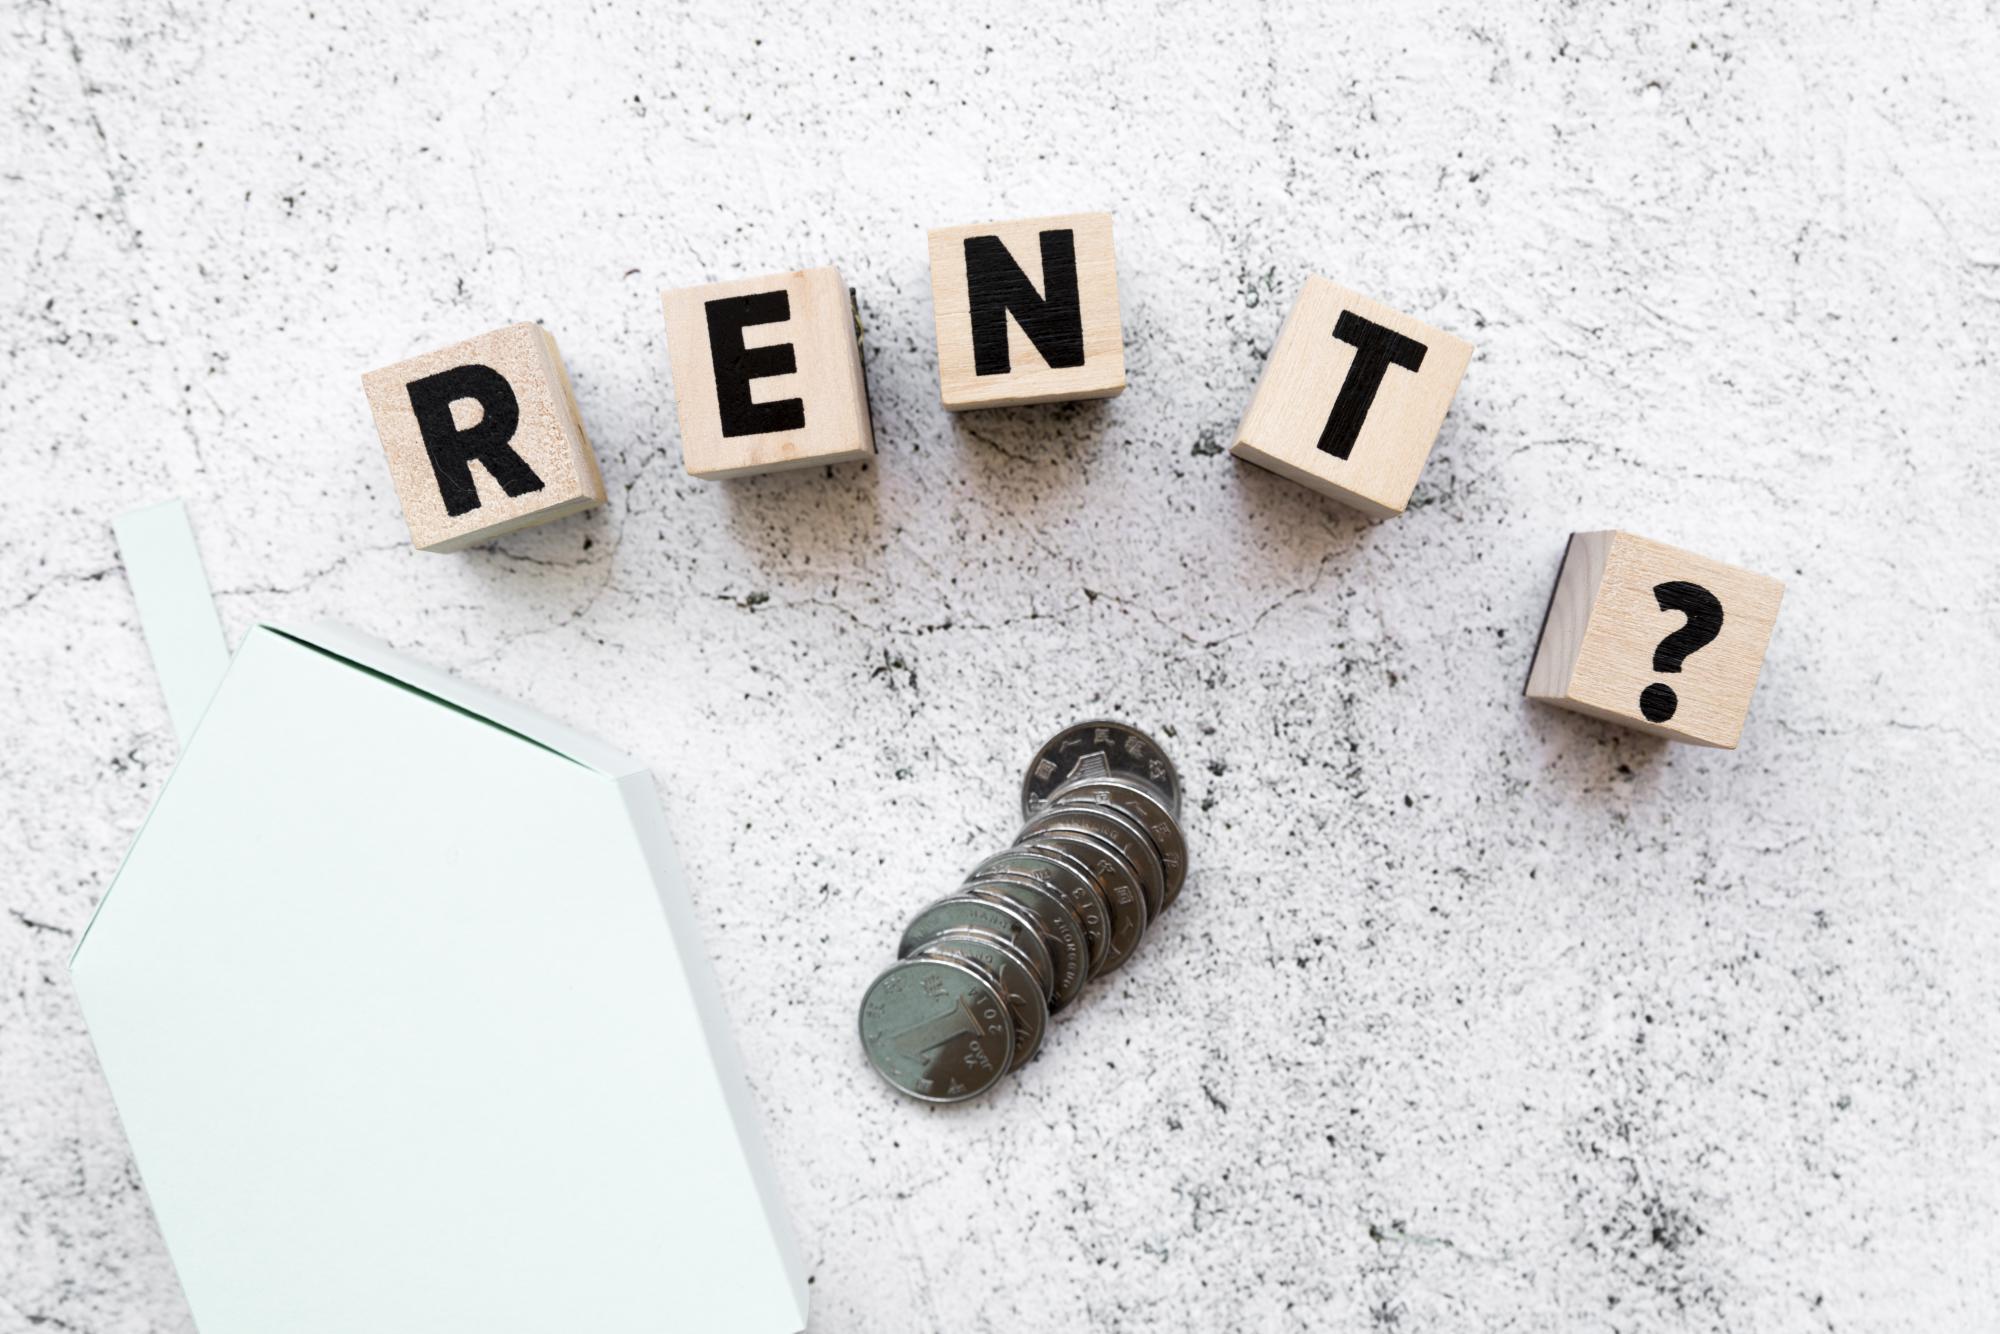 Аренду заграничной недвижимости можно учесть при УСН